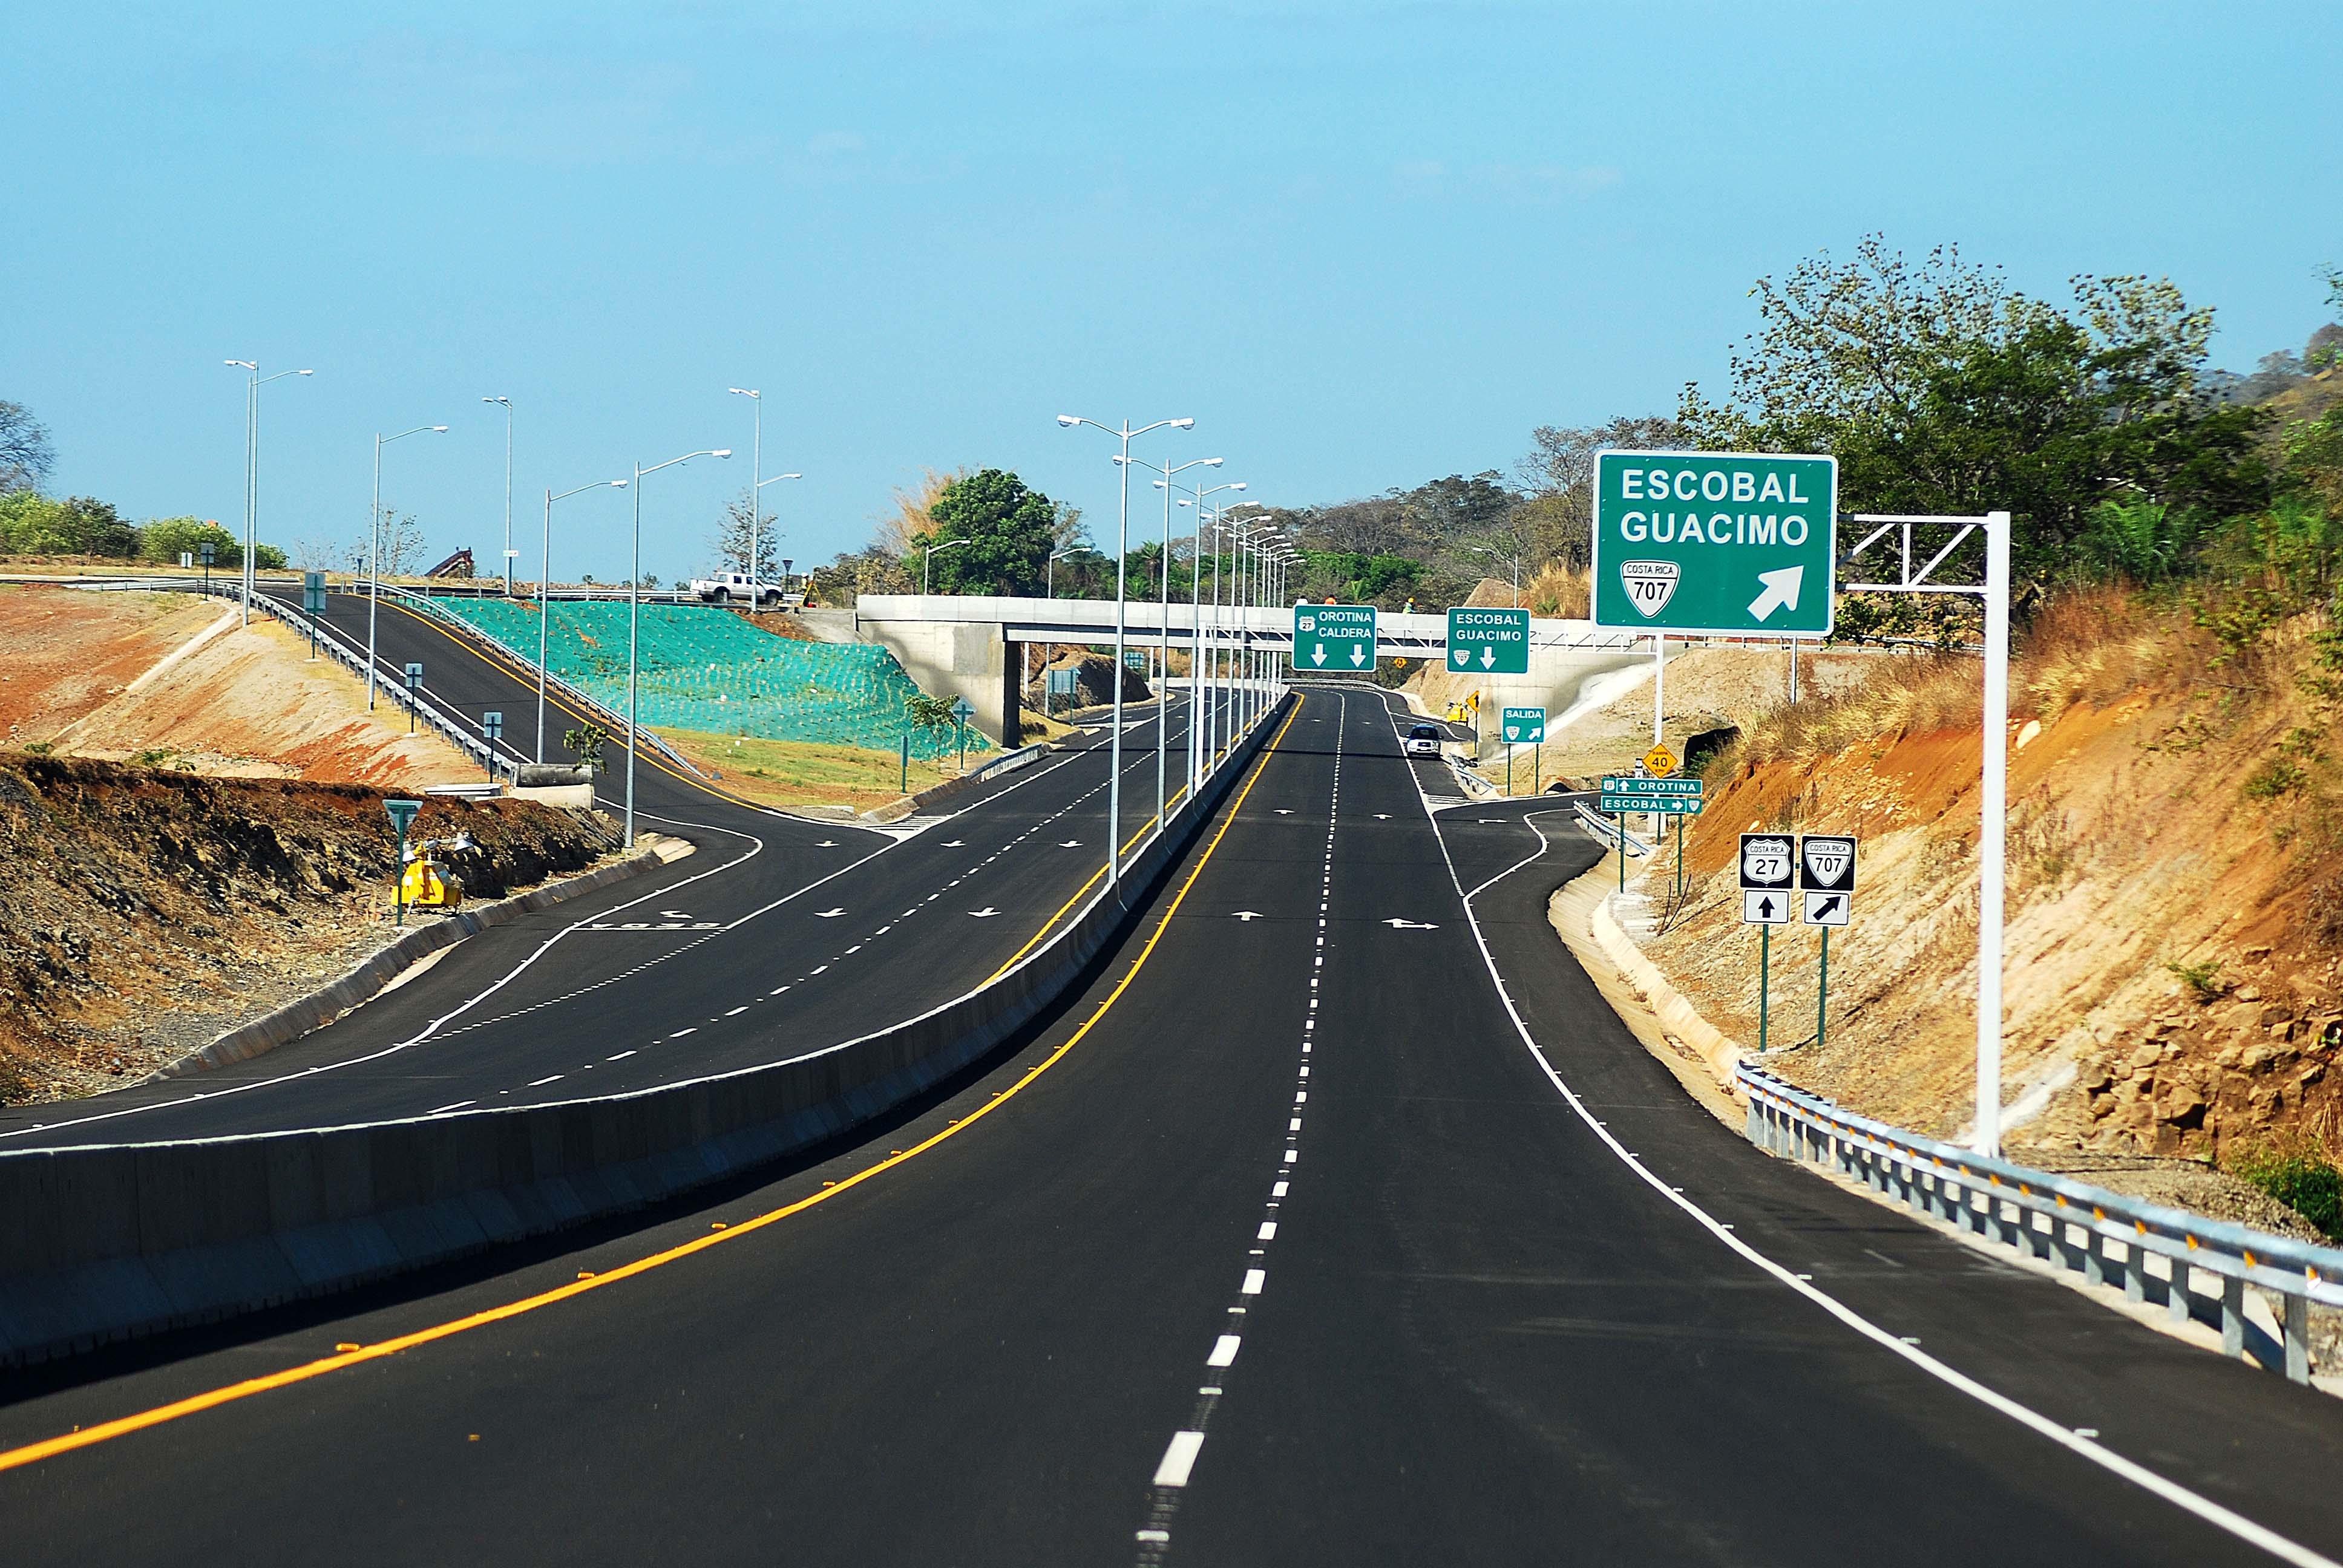 San Jose - Caldera Motorway